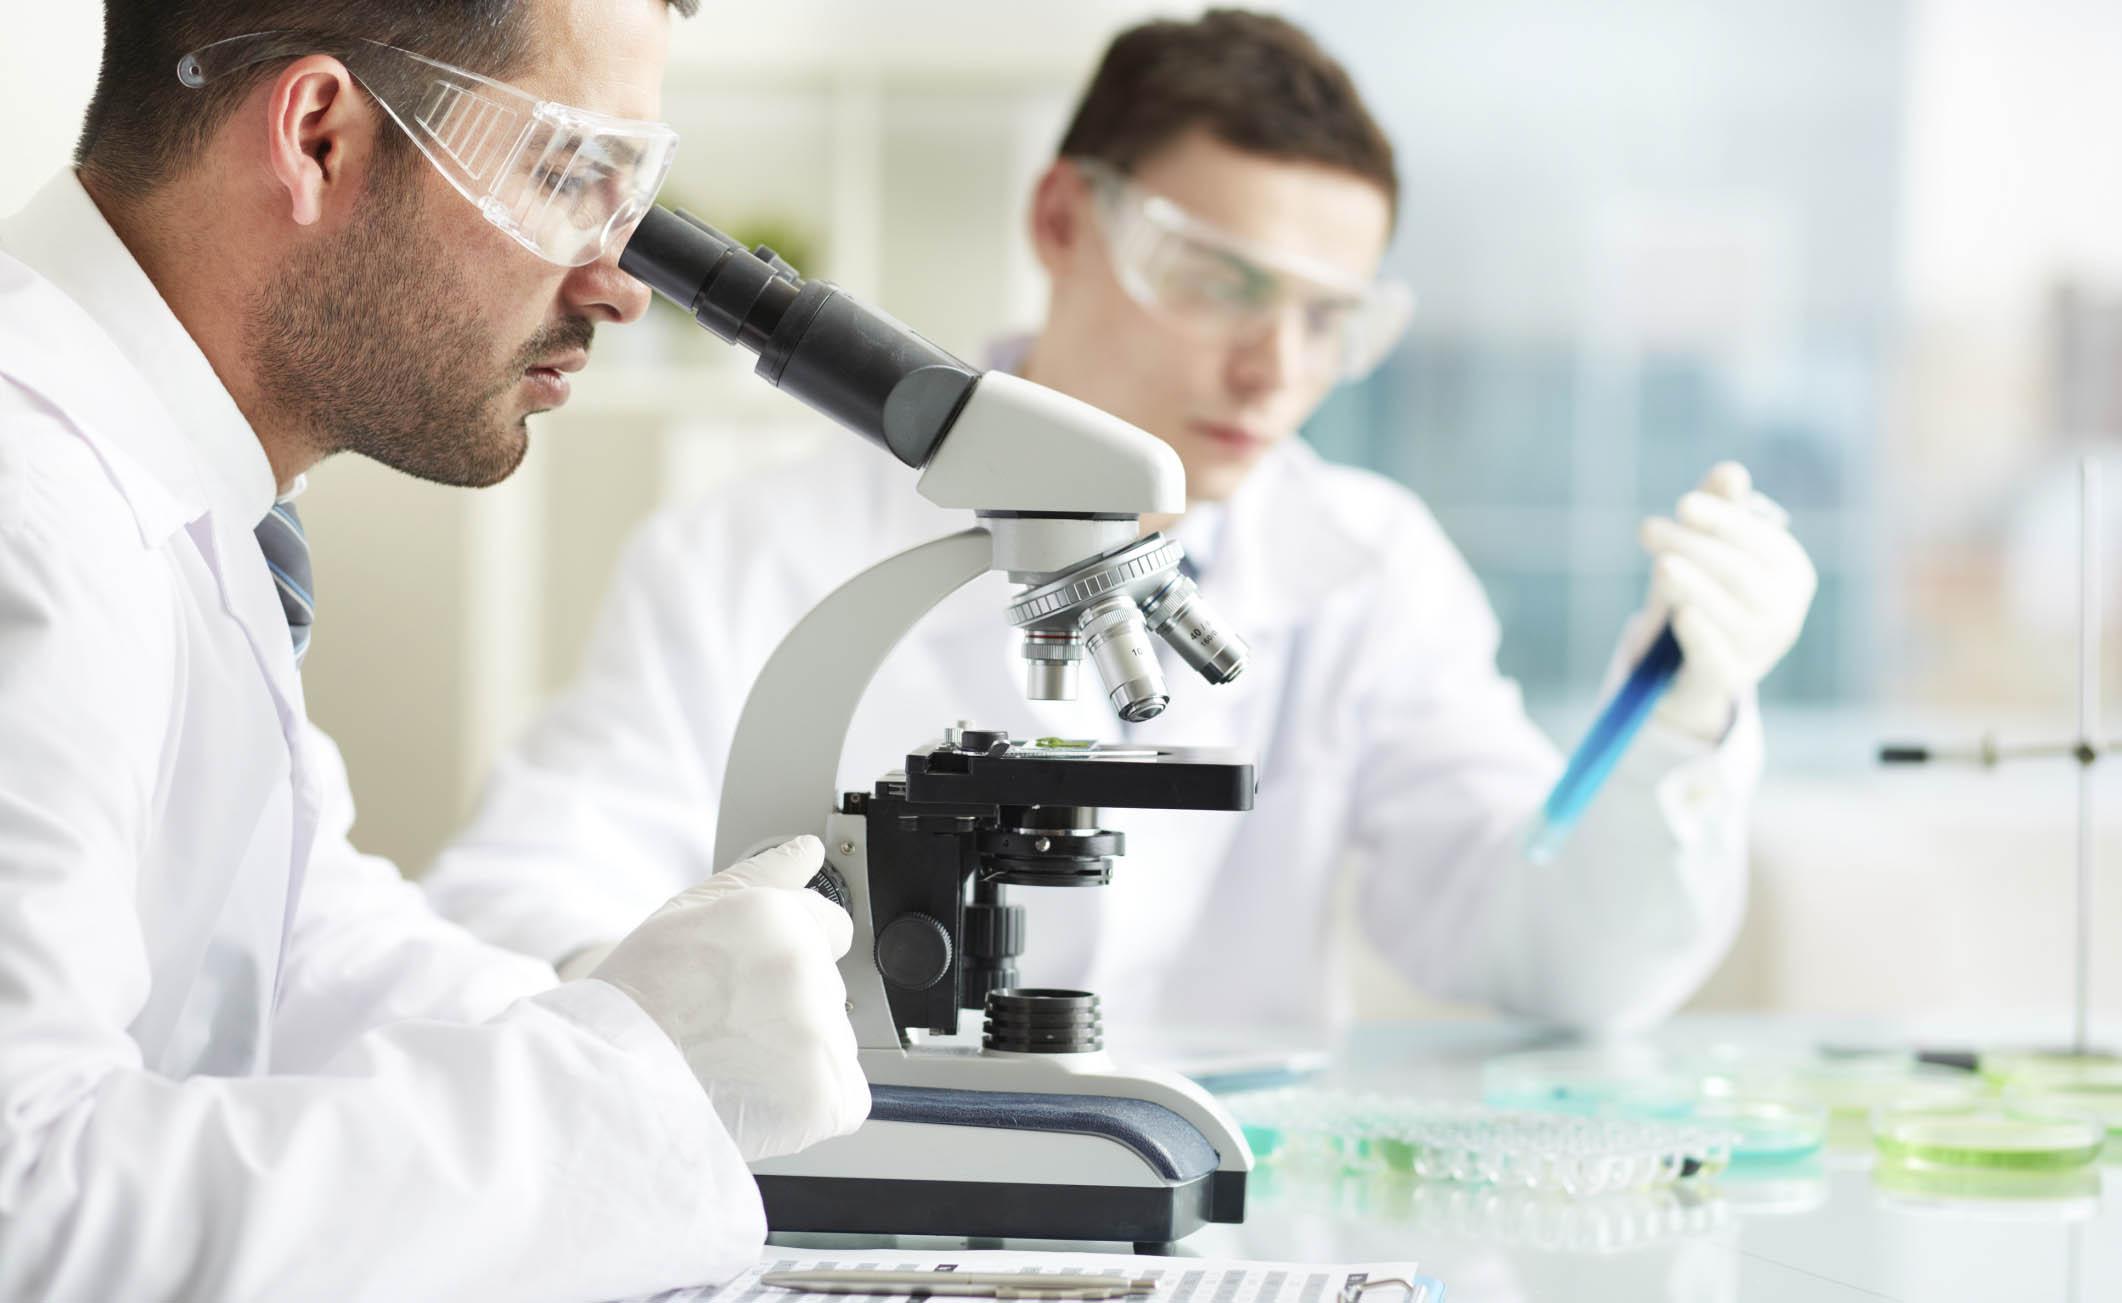 Carcinoma prostatico: scoperta la molecola che blocca il sistema immunitario